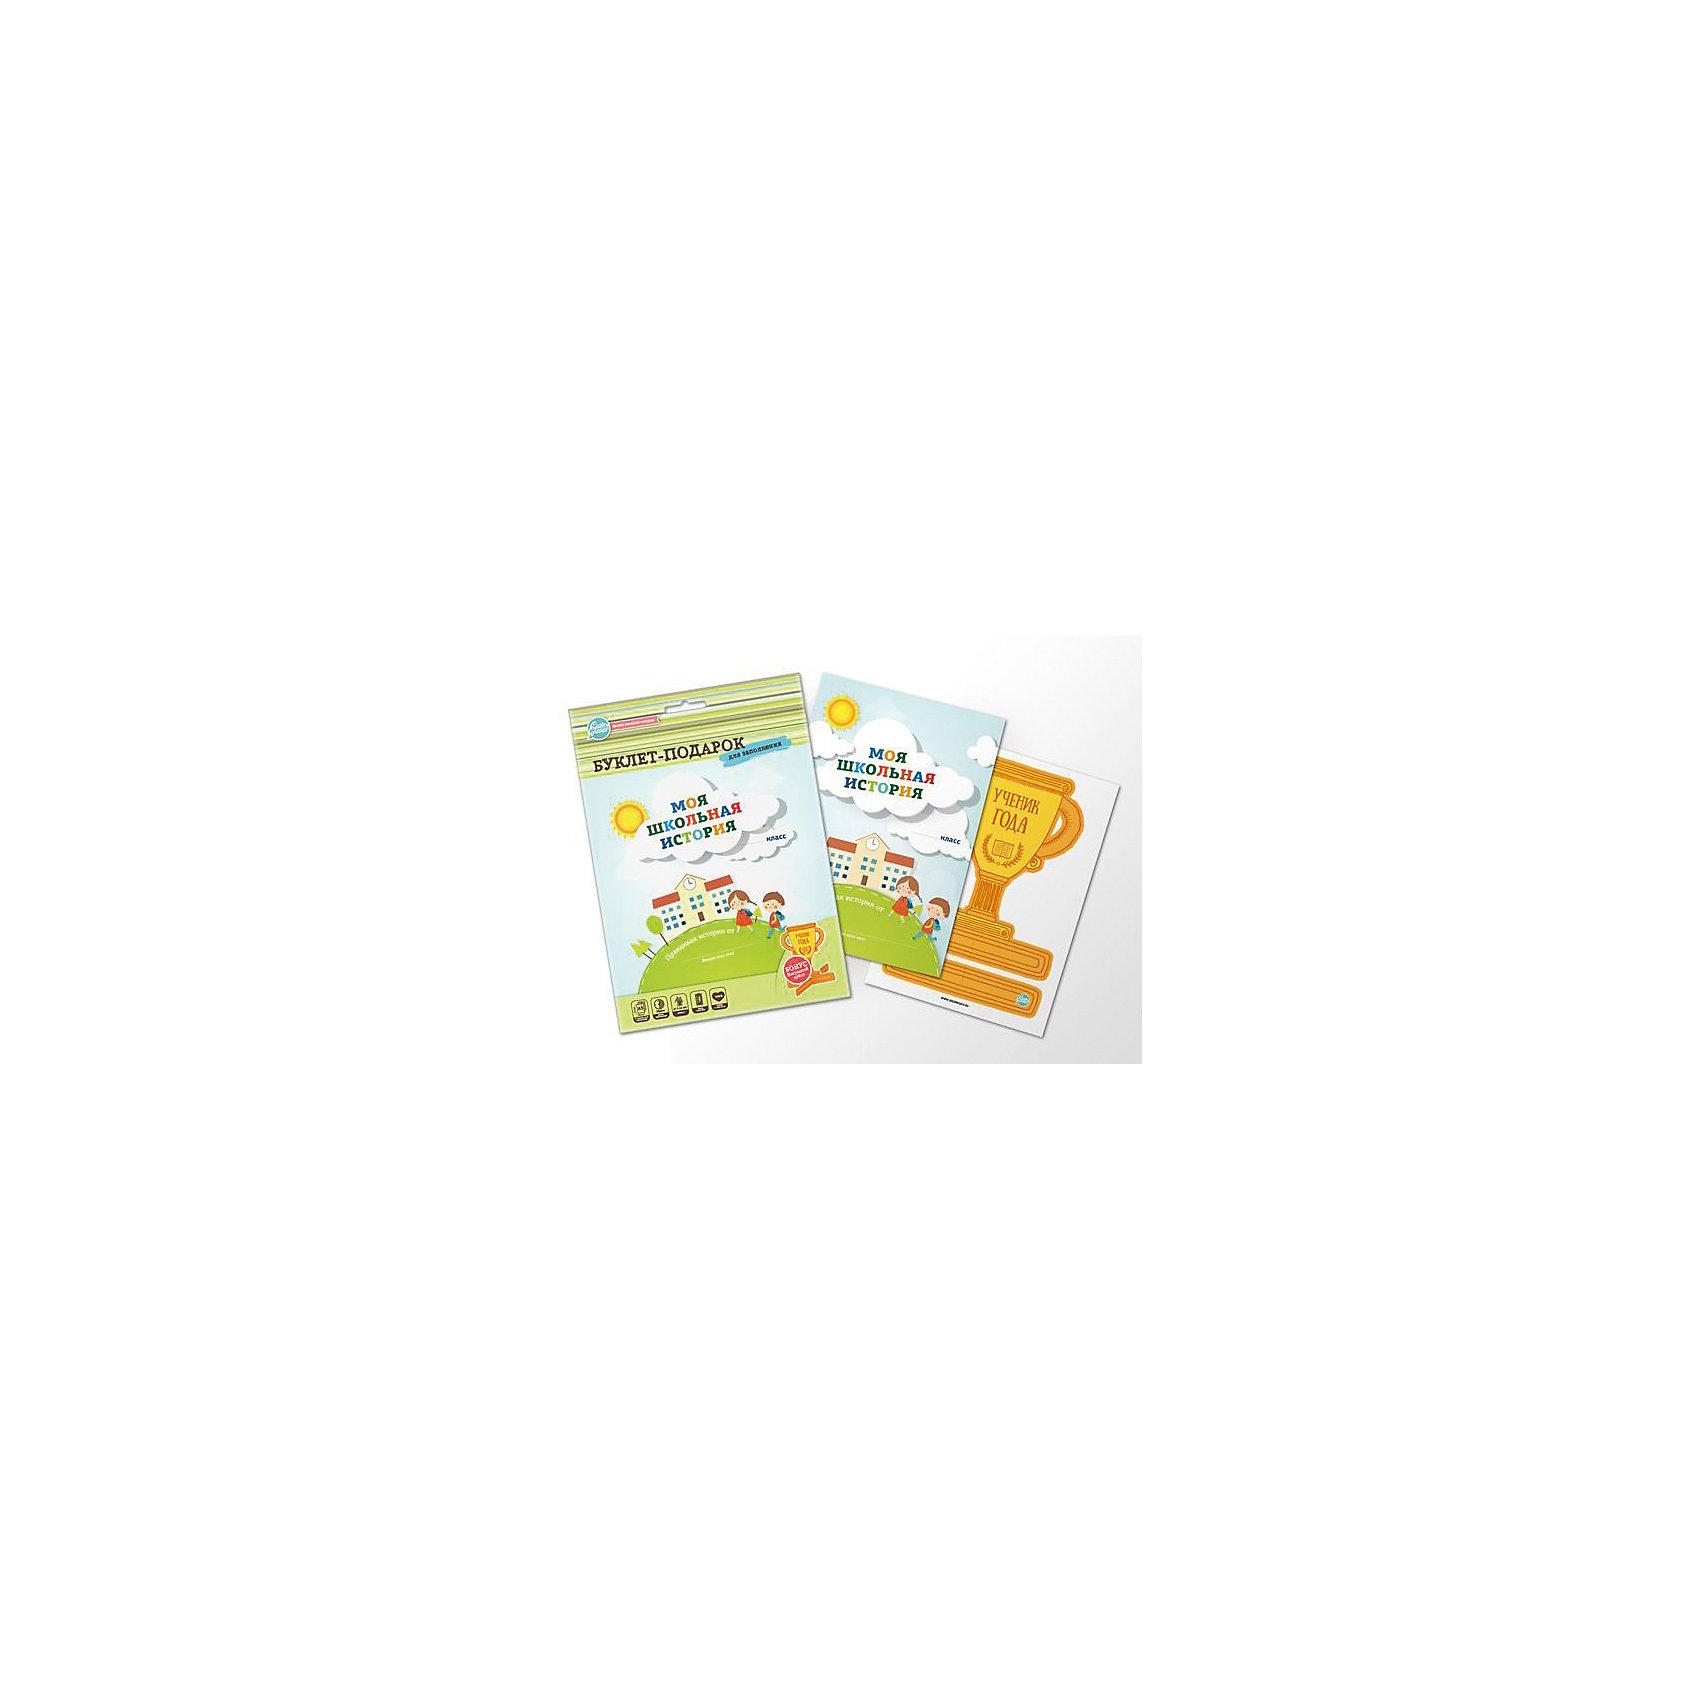 Буклет-заготовка Моя школьная история, Cuten CleverКниги для развития творческих навыков<br>Буклет-заготовка Моя школьная история, Cuten Clever.<br><br>Характеристики:<br><br>• Материал: картон, бумага<br>• Размер упаковки: 24х17 см.<br><br>Школьная история на целый год, написанная и нарисованная ребенком с помощью родителей, станет важной страничкой семейной истории. Когда ребенок вырастет, будет интересно вспоминать о чудесном времени, проведенном в школе, своих любимых друзей, учителей, предметы, увлечения. <br><br>В наборе красочный буклет-заготовка для заполнения, который поможет в увлекательной форме сохранить главные школьные события и достижения за один учебный год. Заполните 2 странички буклета в начале и 2 странички в конце учебного года, и Вы соберете школьную историю ребенка за целый ученый год.<br><br>Буклет-заготовку Моя школьная история, Cuten Clever можно купить в нашем интернет-магазине.<br><br>Ширина мм: 241<br>Глубина мм: 172<br>Высота мм: 50<br>Вес г: 50<br>Возраст от месяцев: 72<br>Возраст до месяцев: 2147483647<br>Пол: Унисекс<br>Возраст: Детский<br>SKU: 5454170